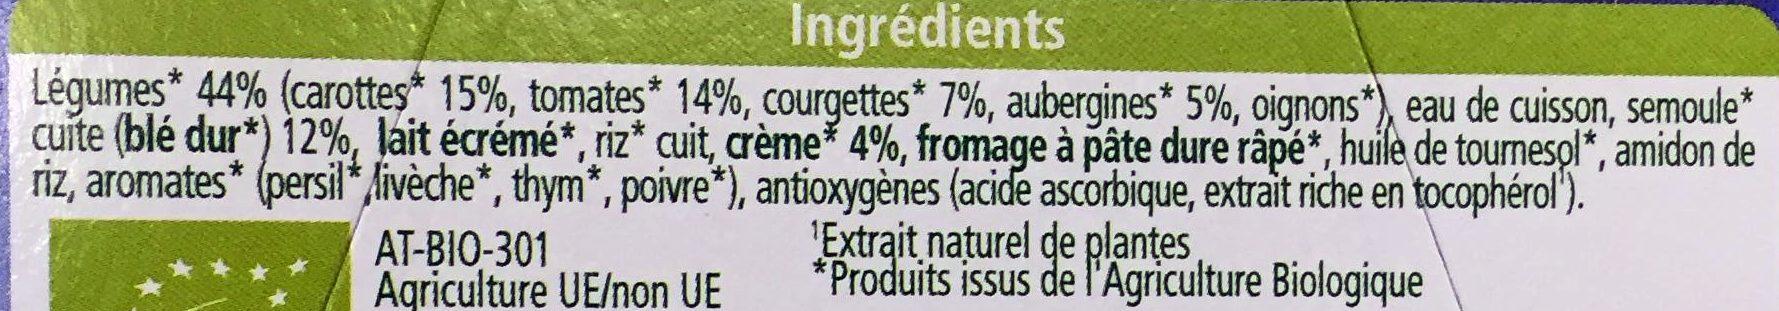 Semoule aux légumes du Soleil - Ingredients